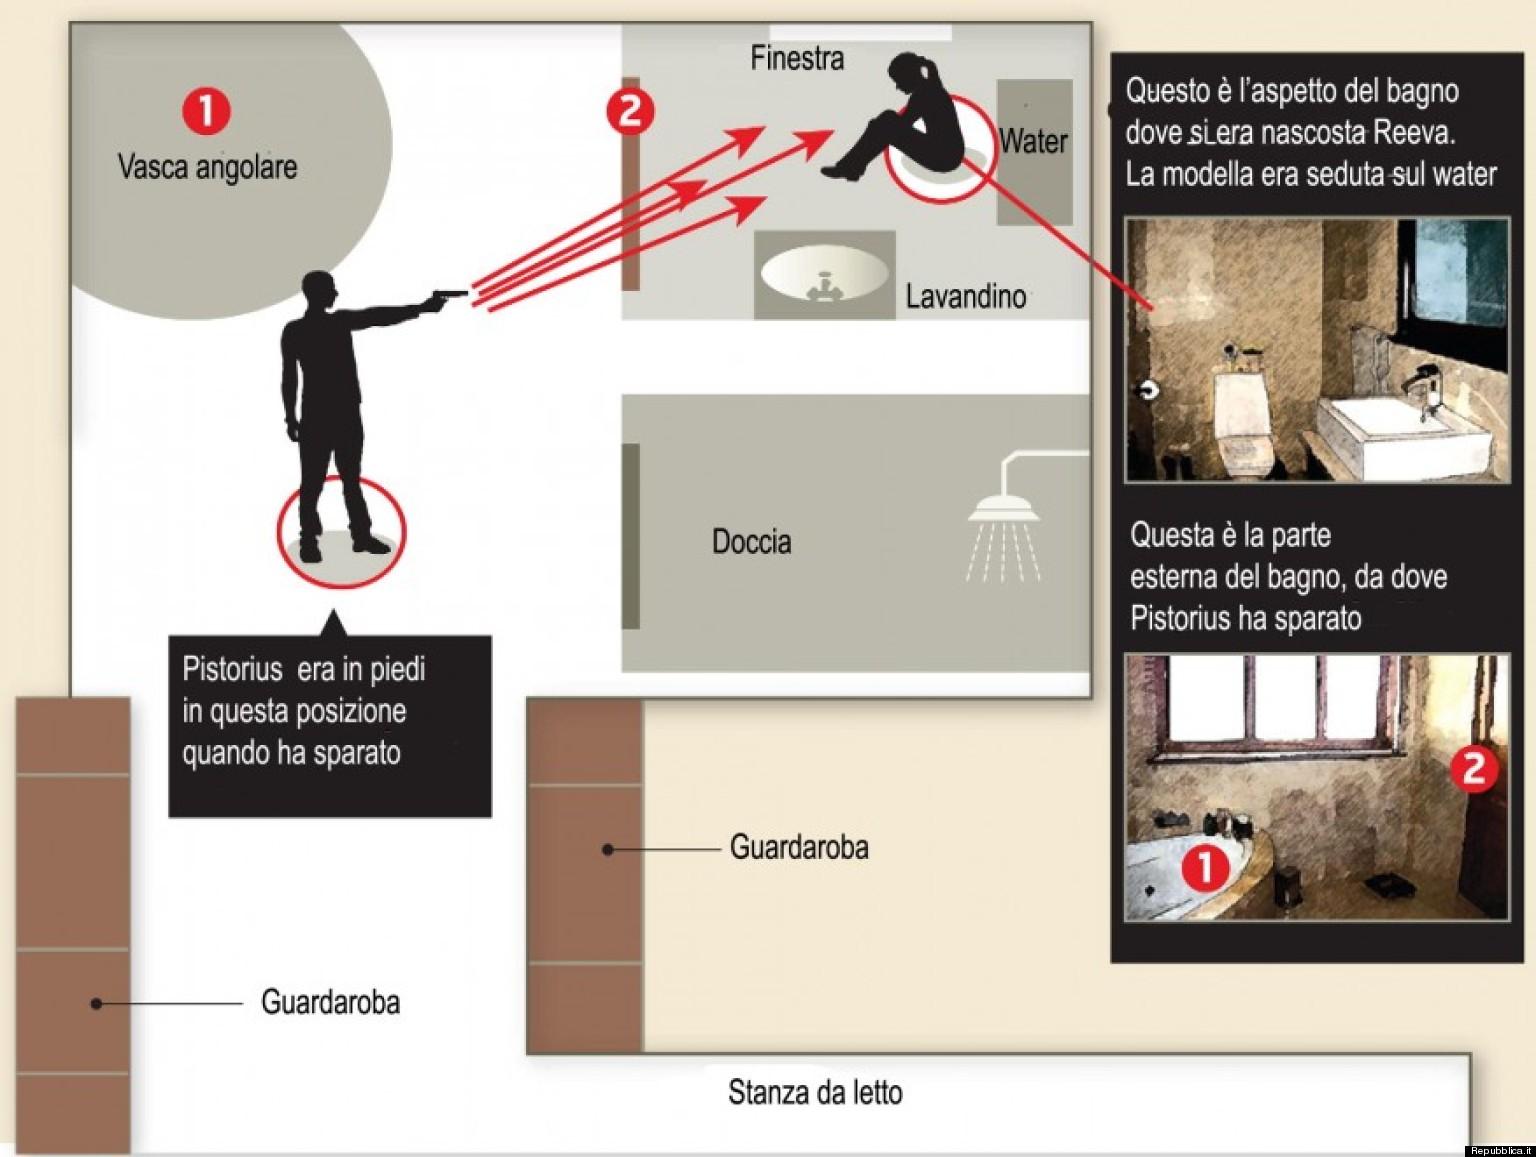 Oscar pistorius la planimetria della casa la ricostruzione dell 39 omicidio foto - Planimetria della casa ...